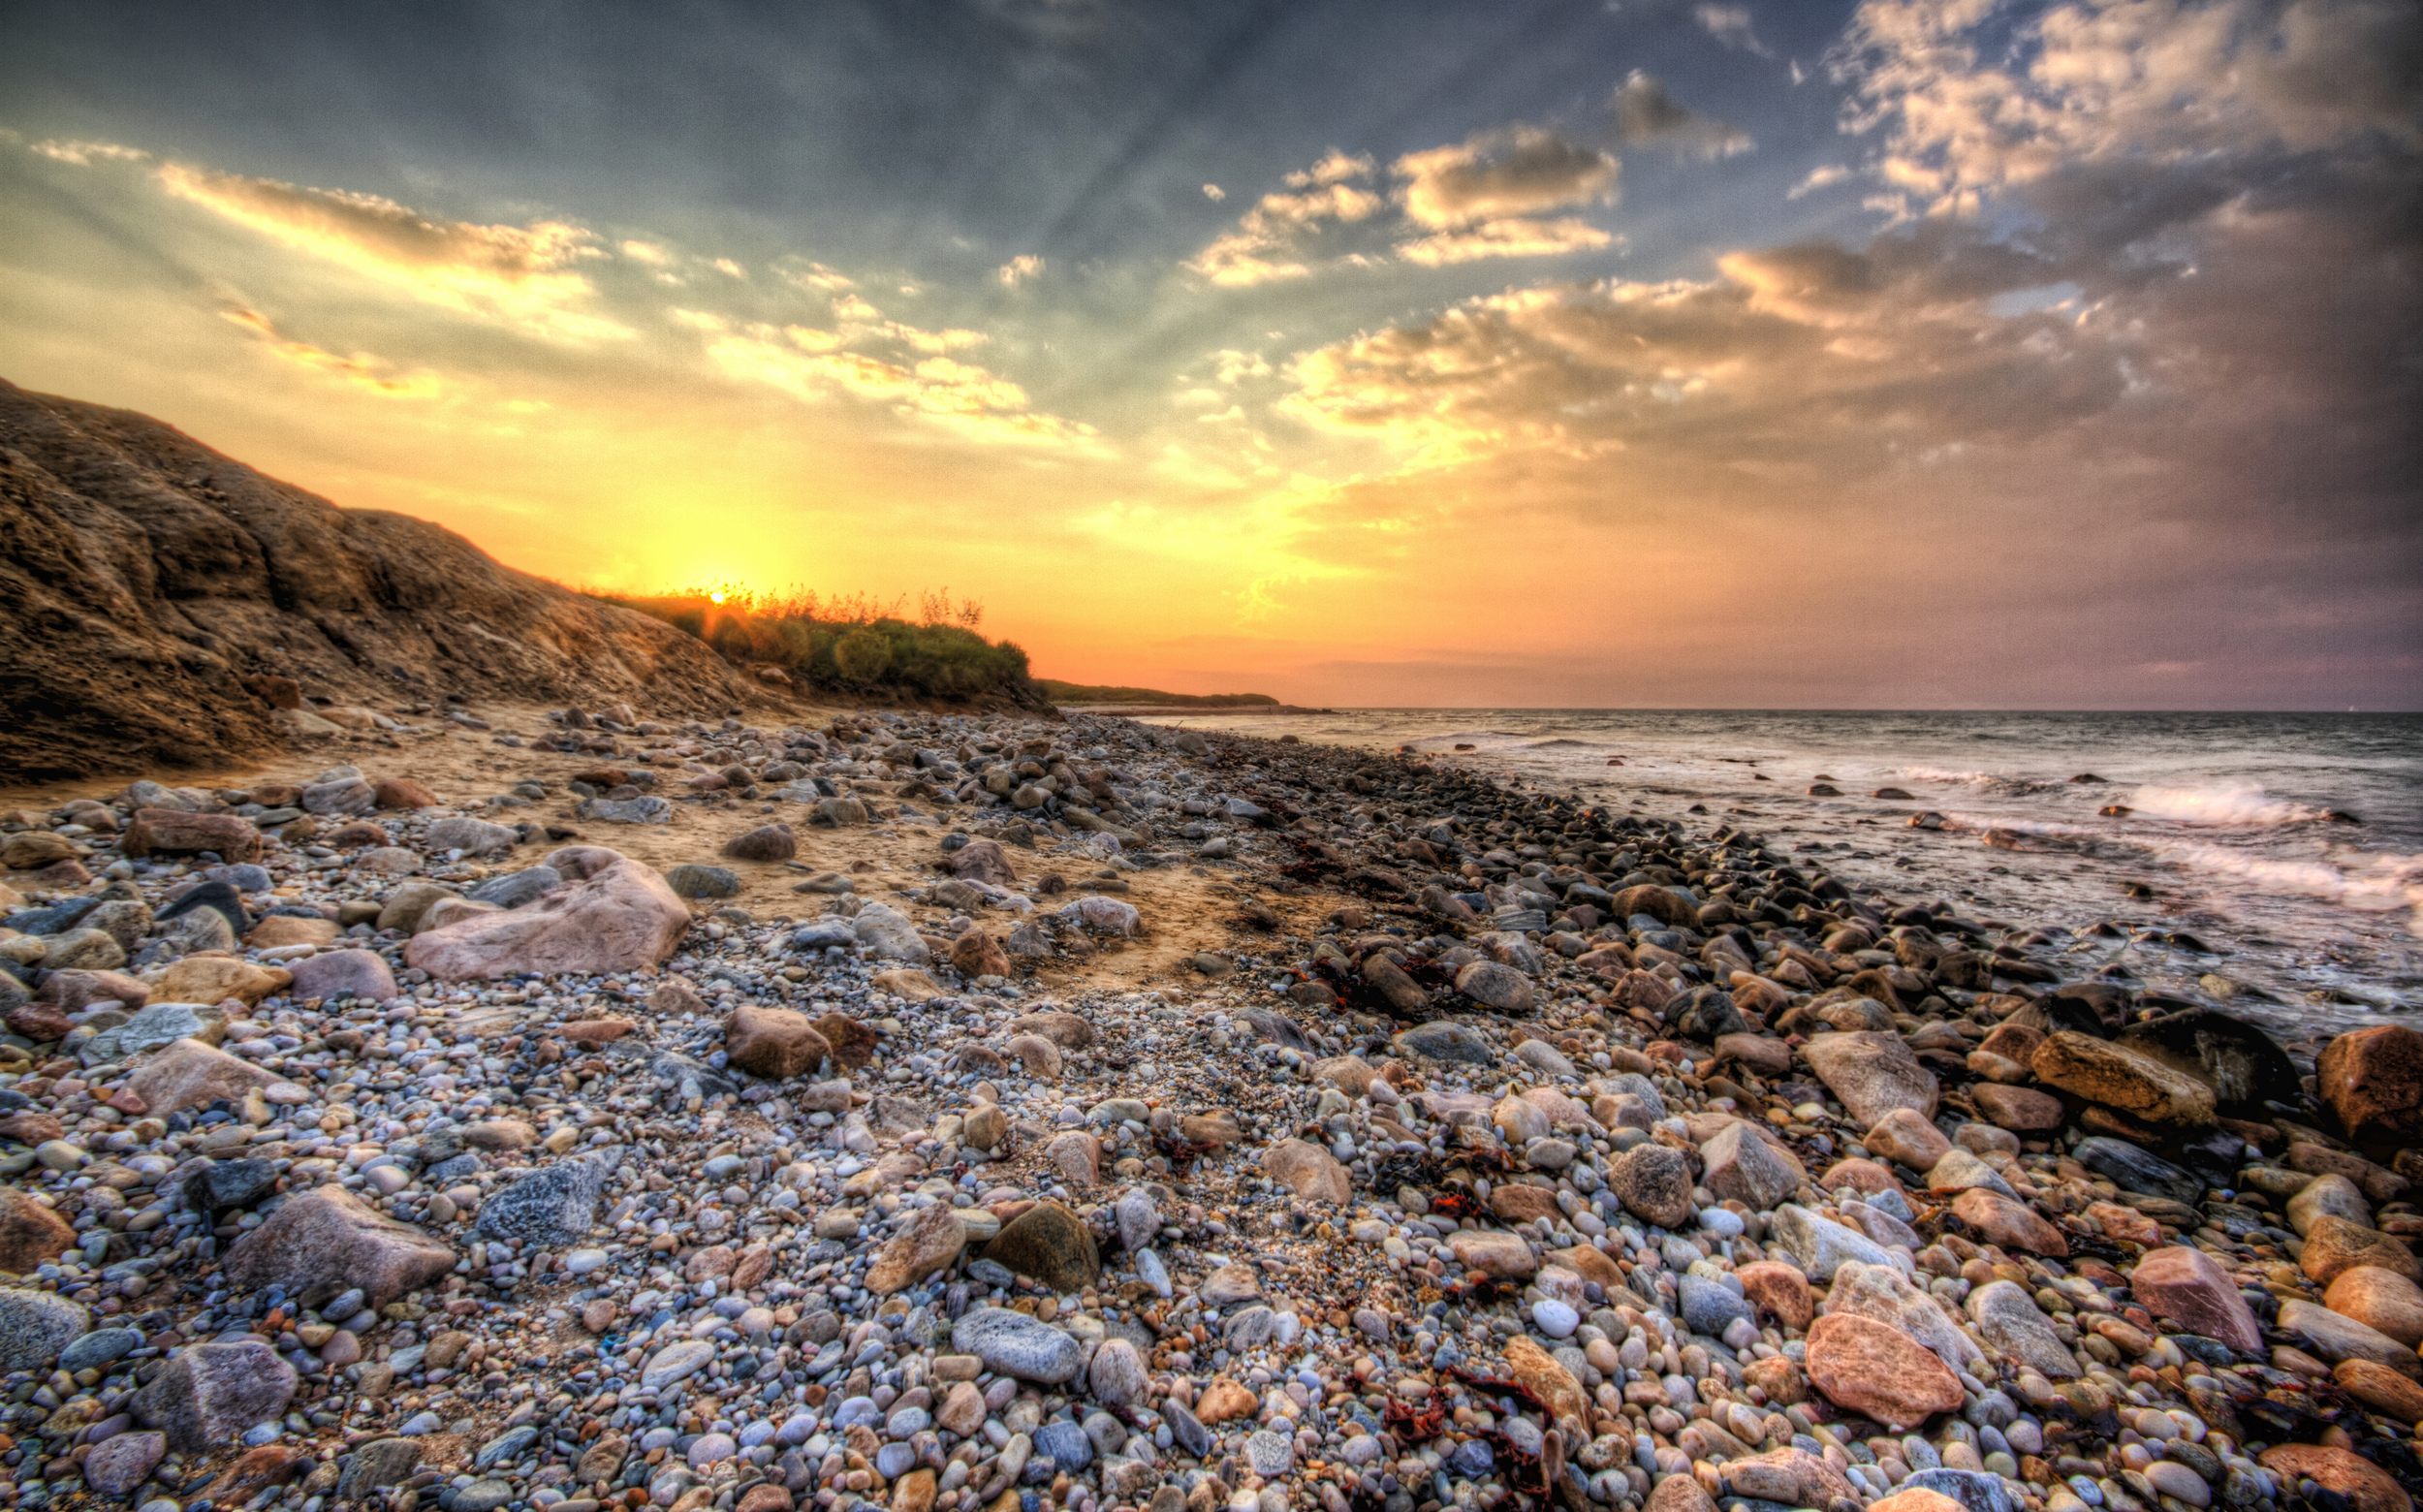 Montauk Beach  Unframed - 8x10  Unframed - 16x20